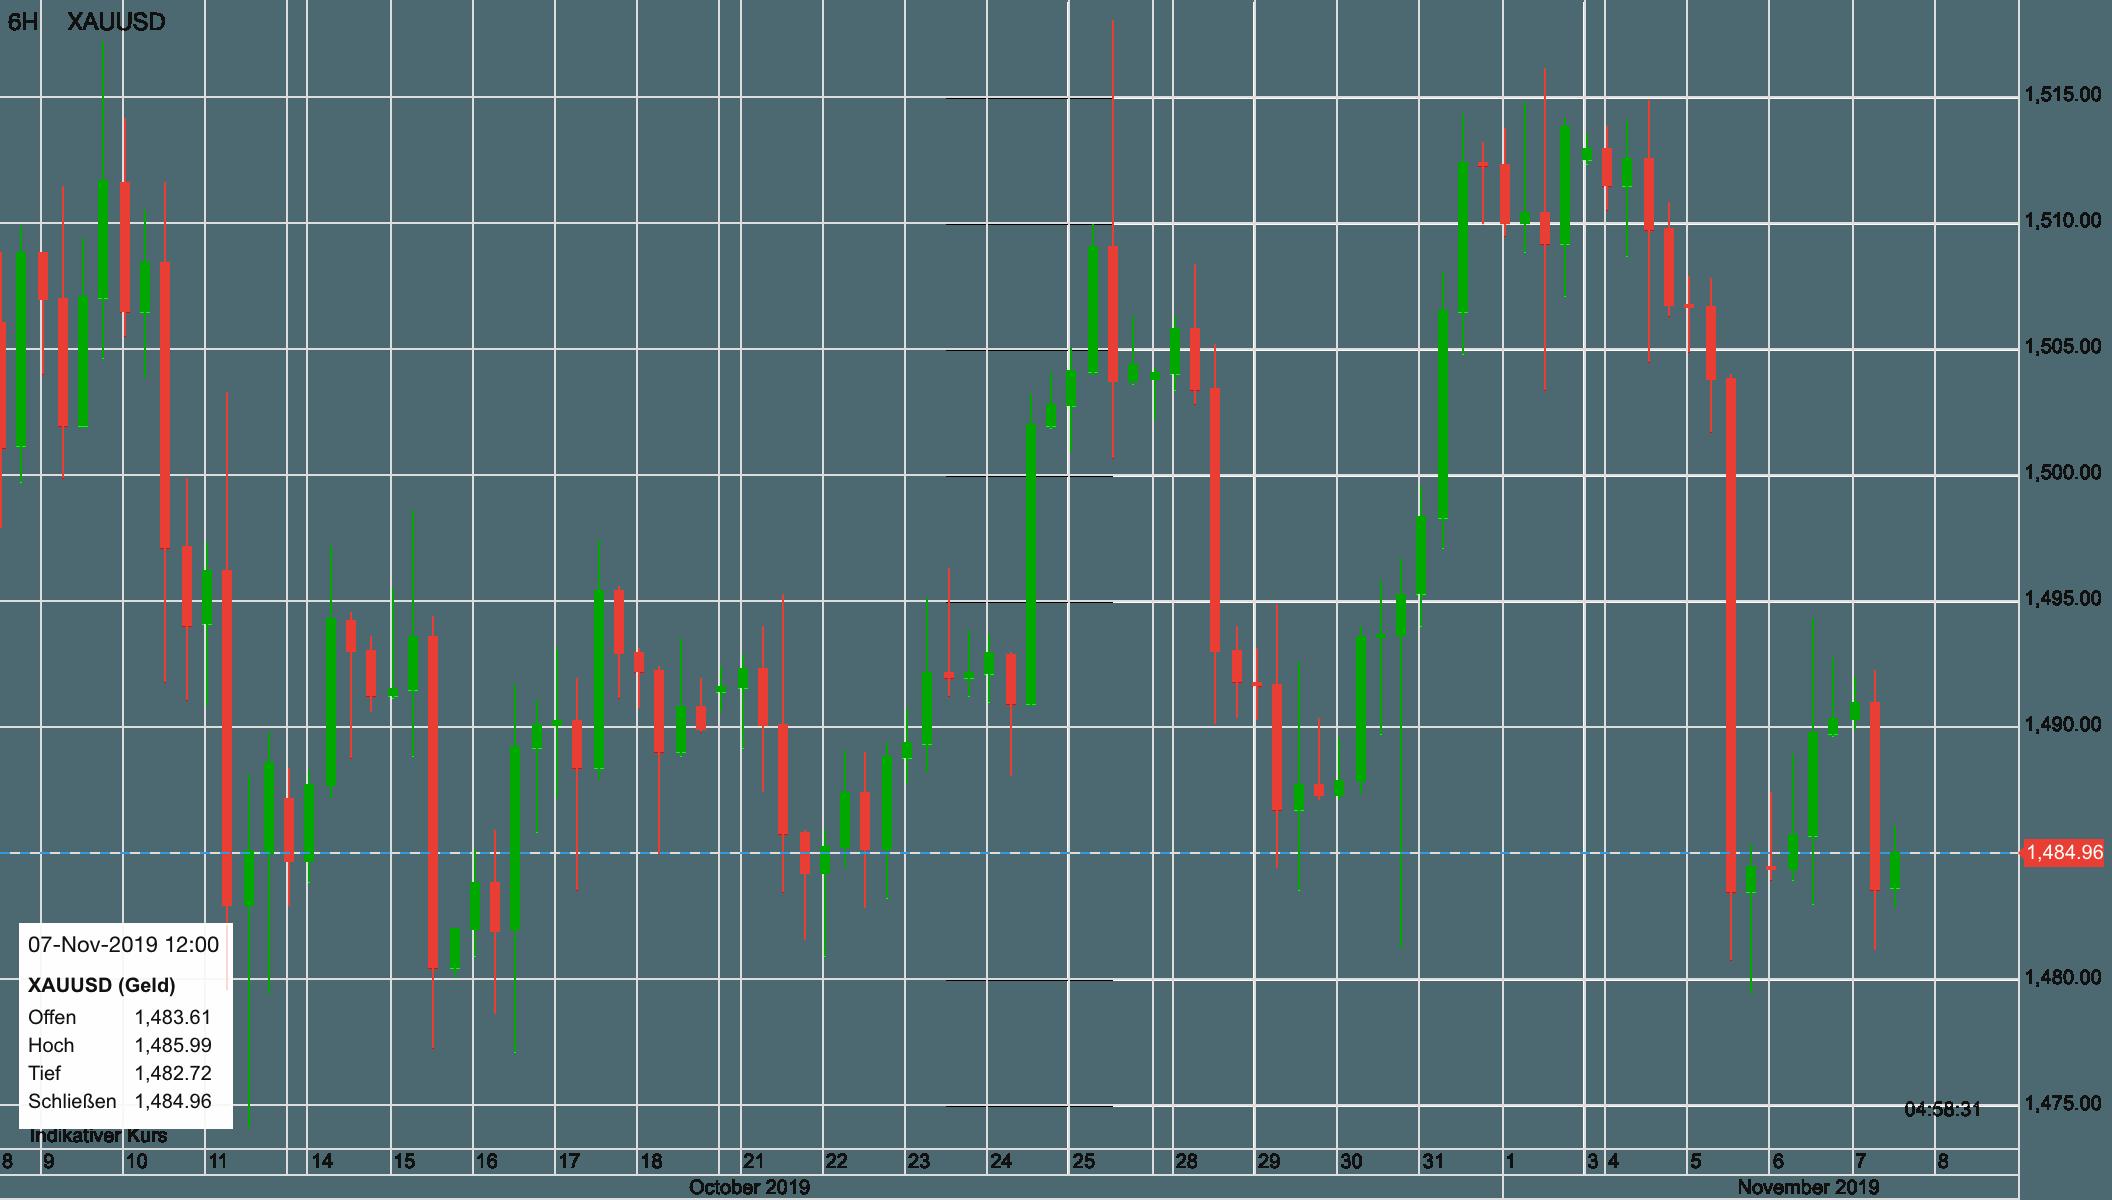 Goldpreis Verlauf seit dem 8. Oktober